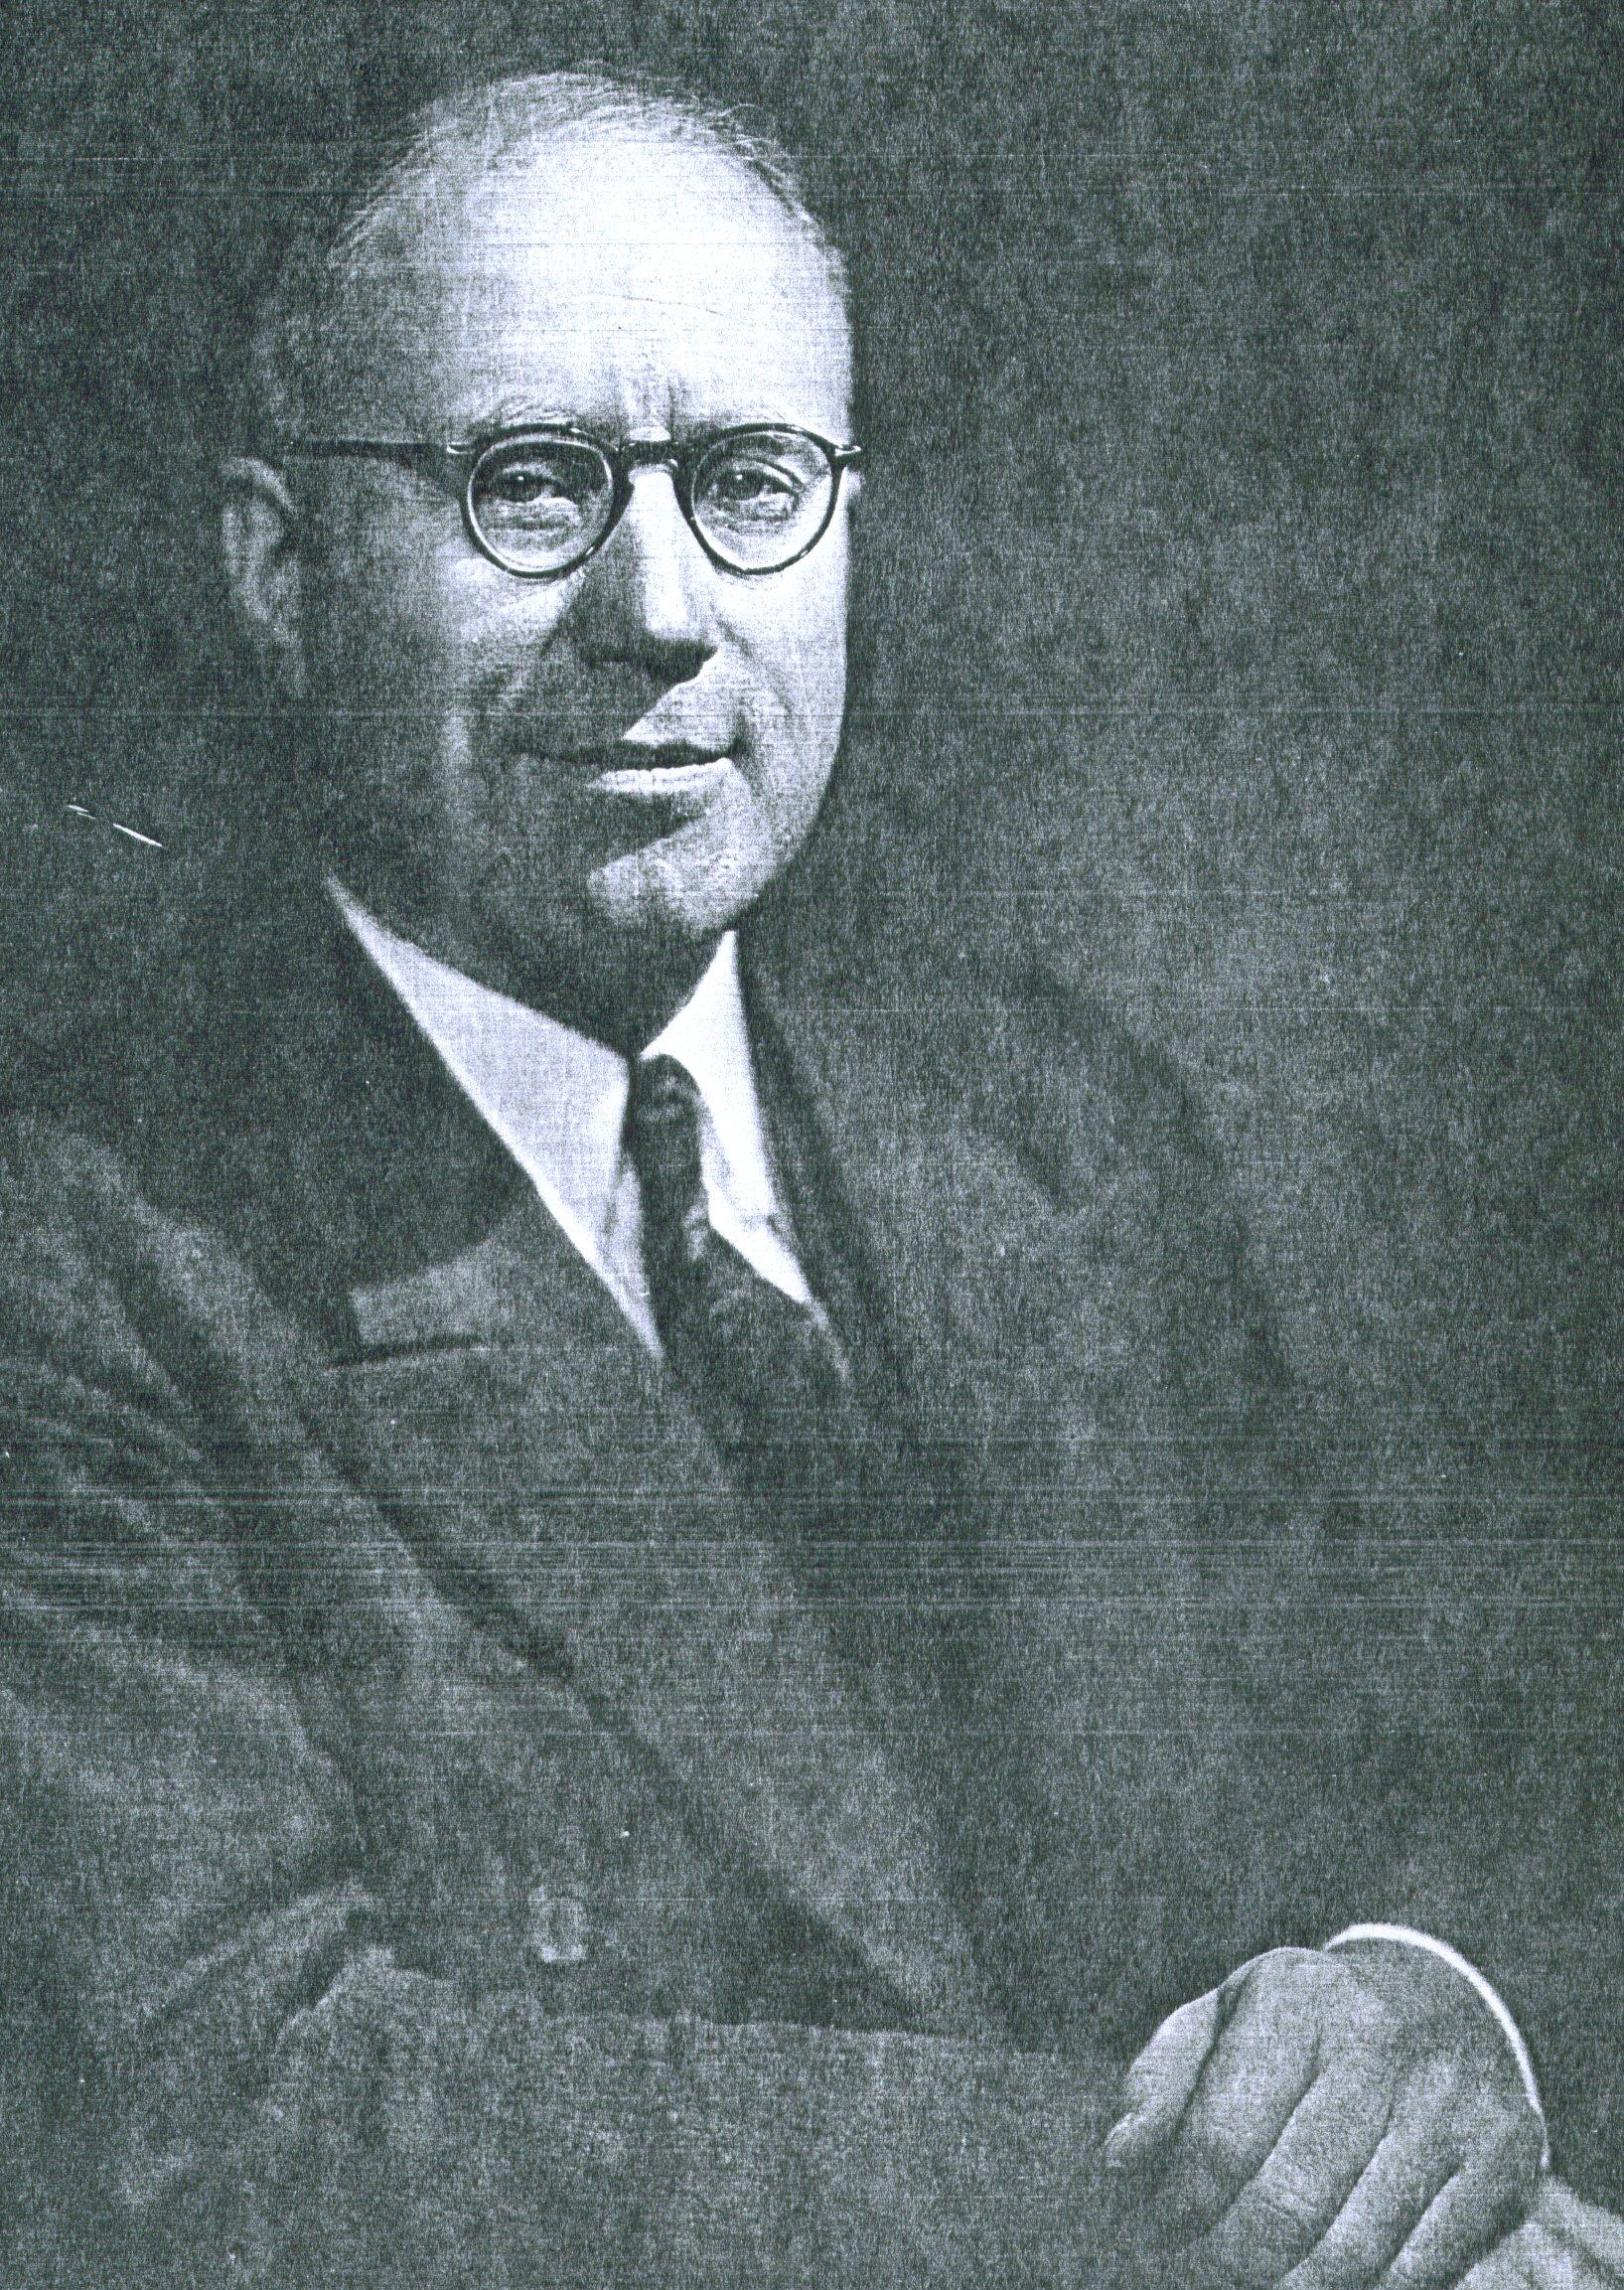 アルヴィン・ハーヴィ・ハンセン